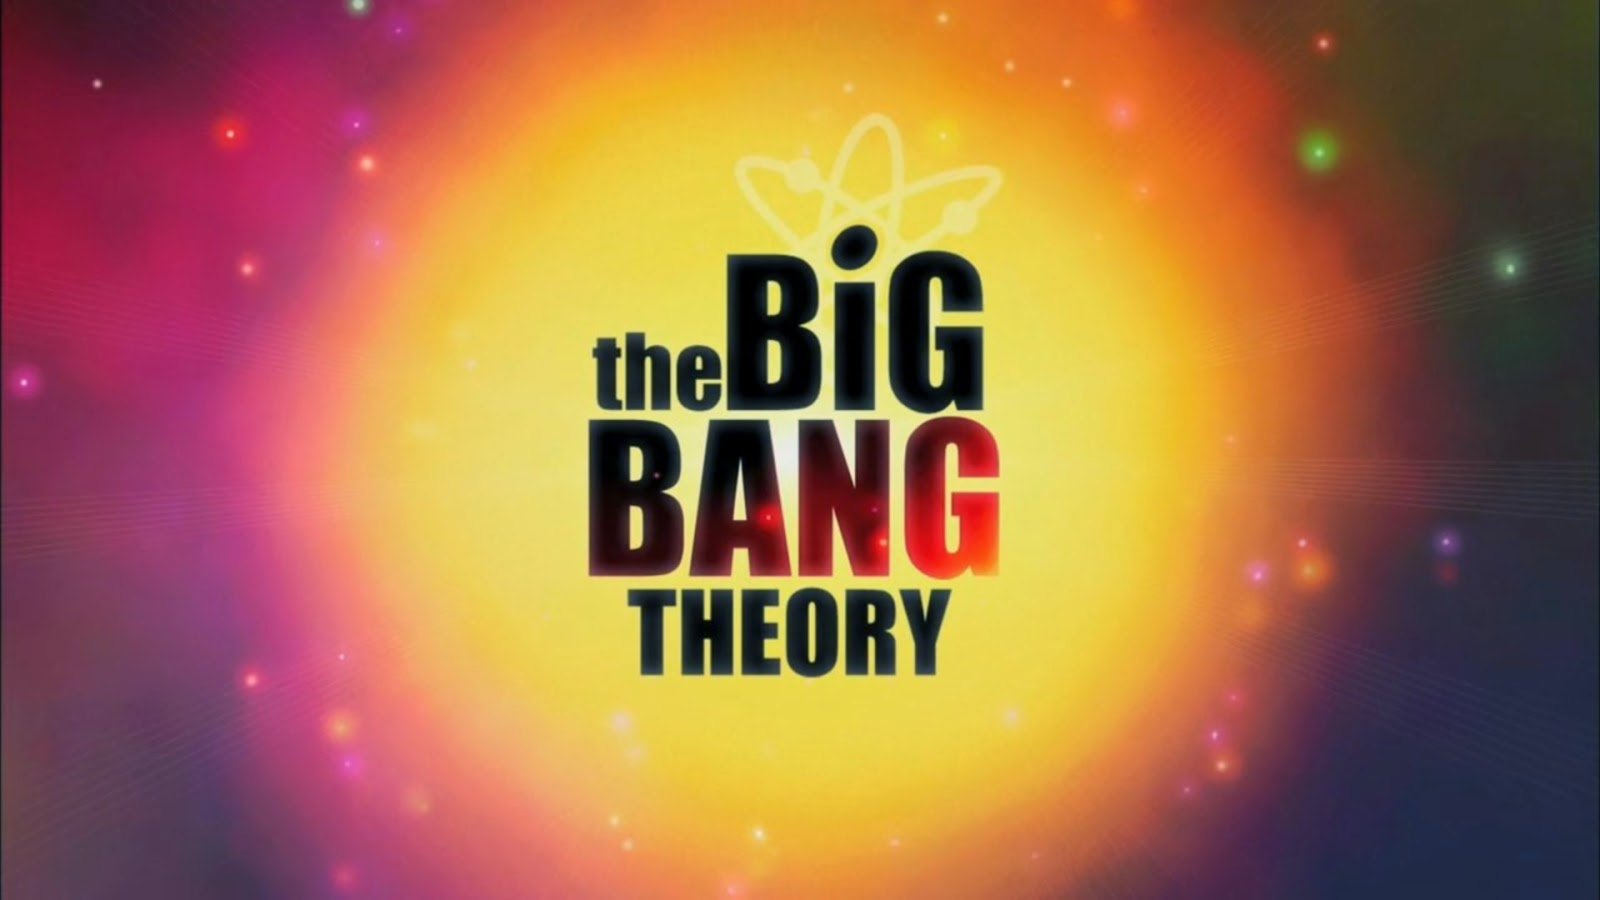 10 Curiosidades sobre a série The Big Bang Theory